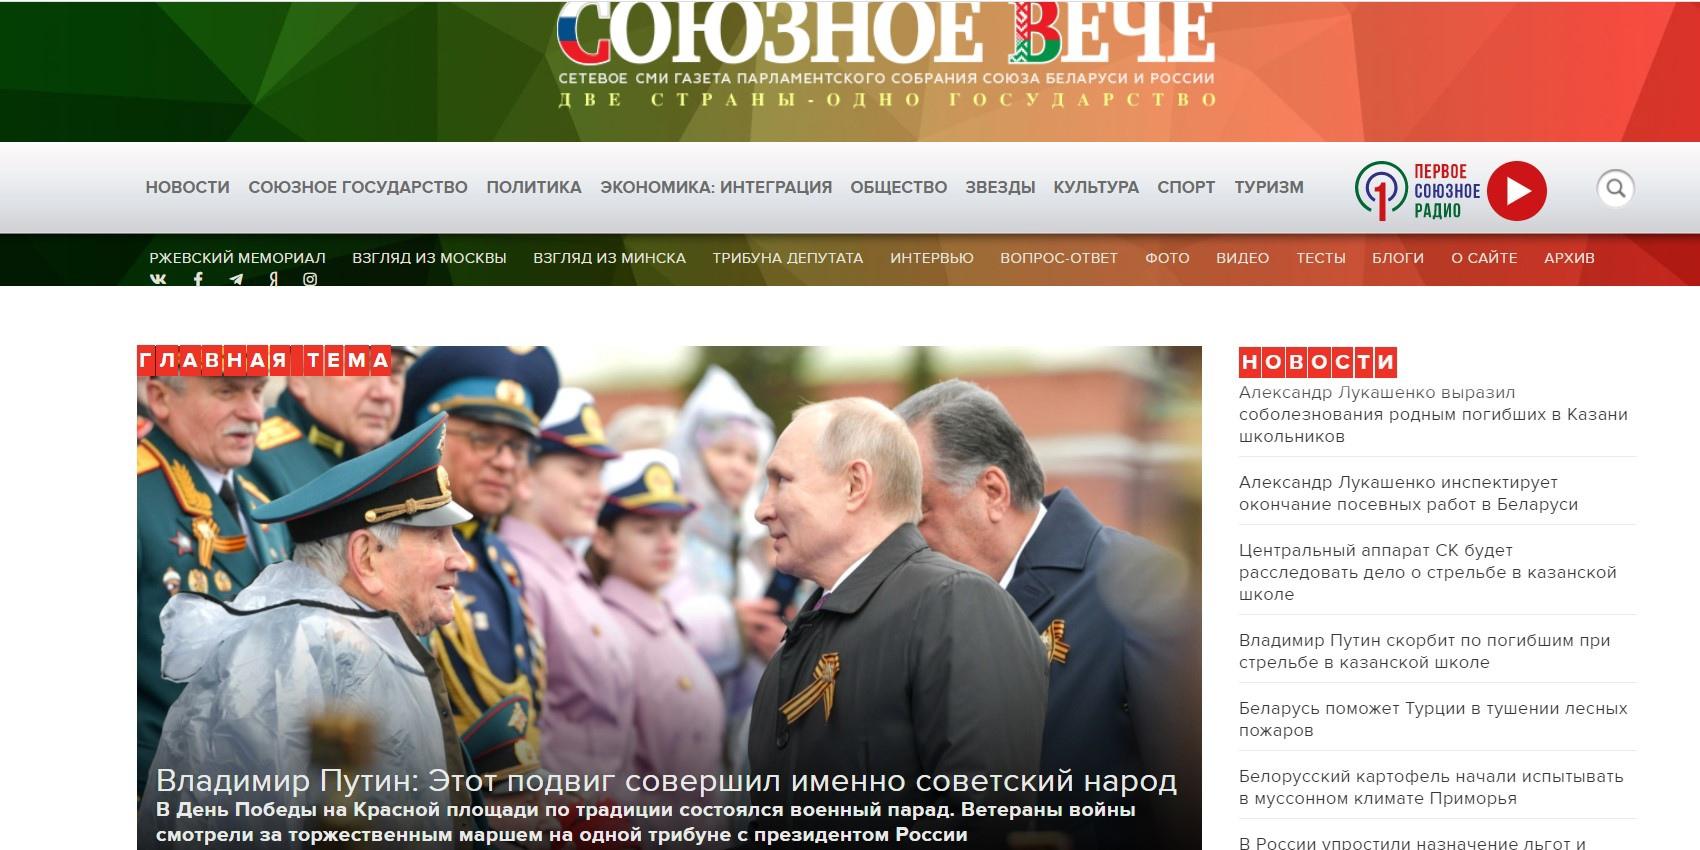 Главная страница сайта «Союзное вече»